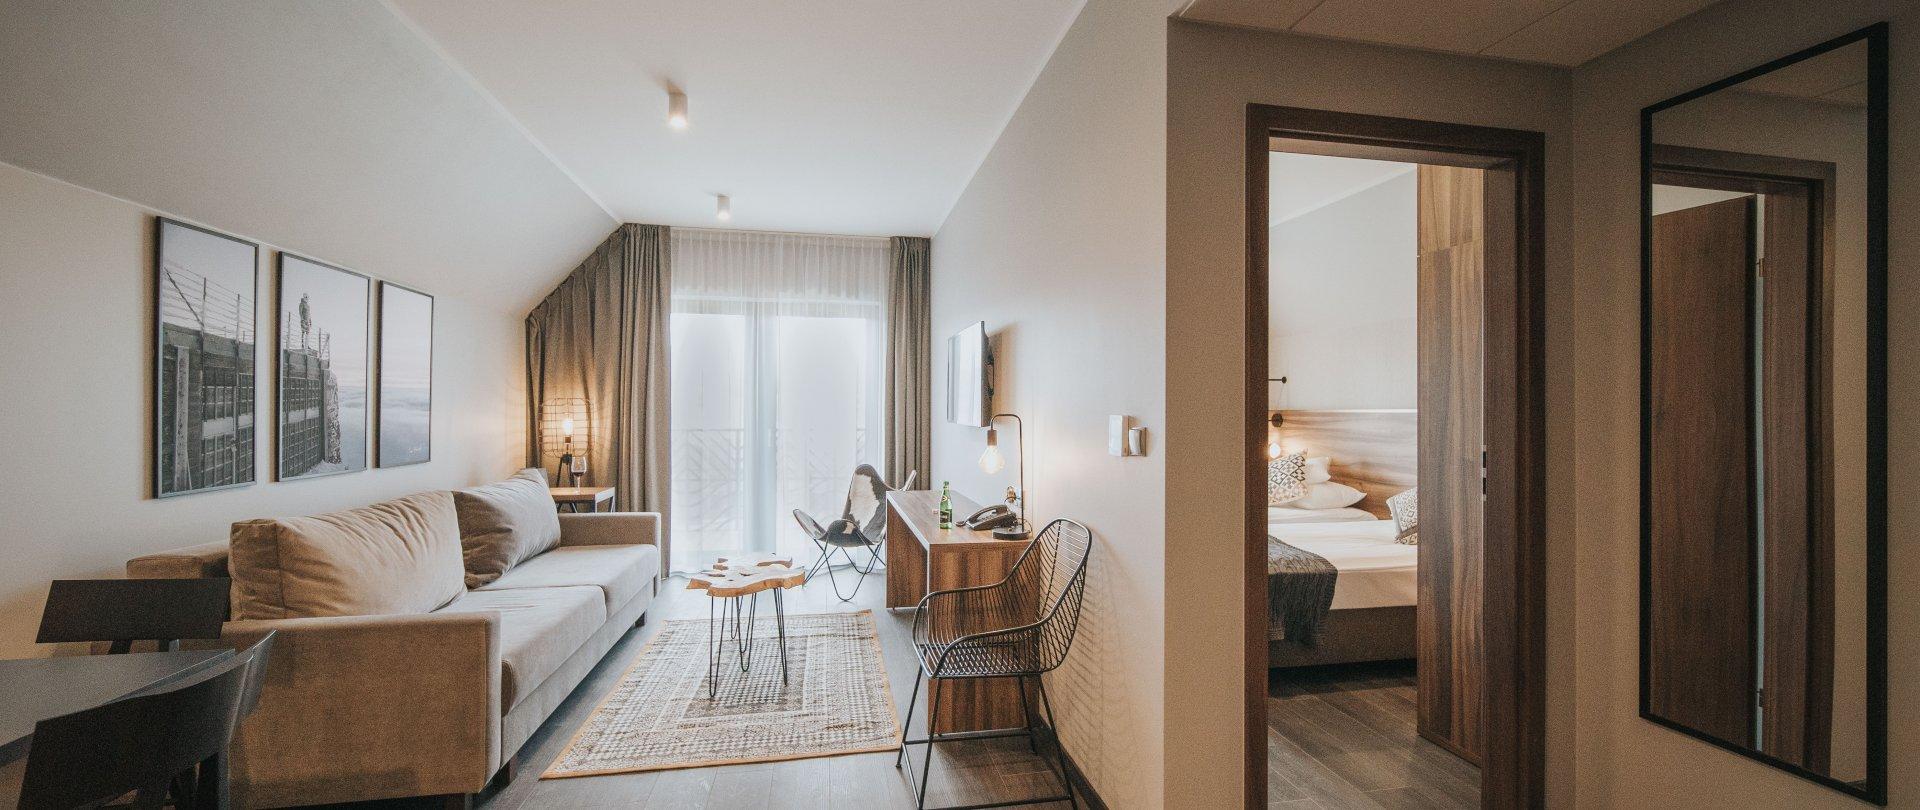 Apartament z oddzielną sypialnią